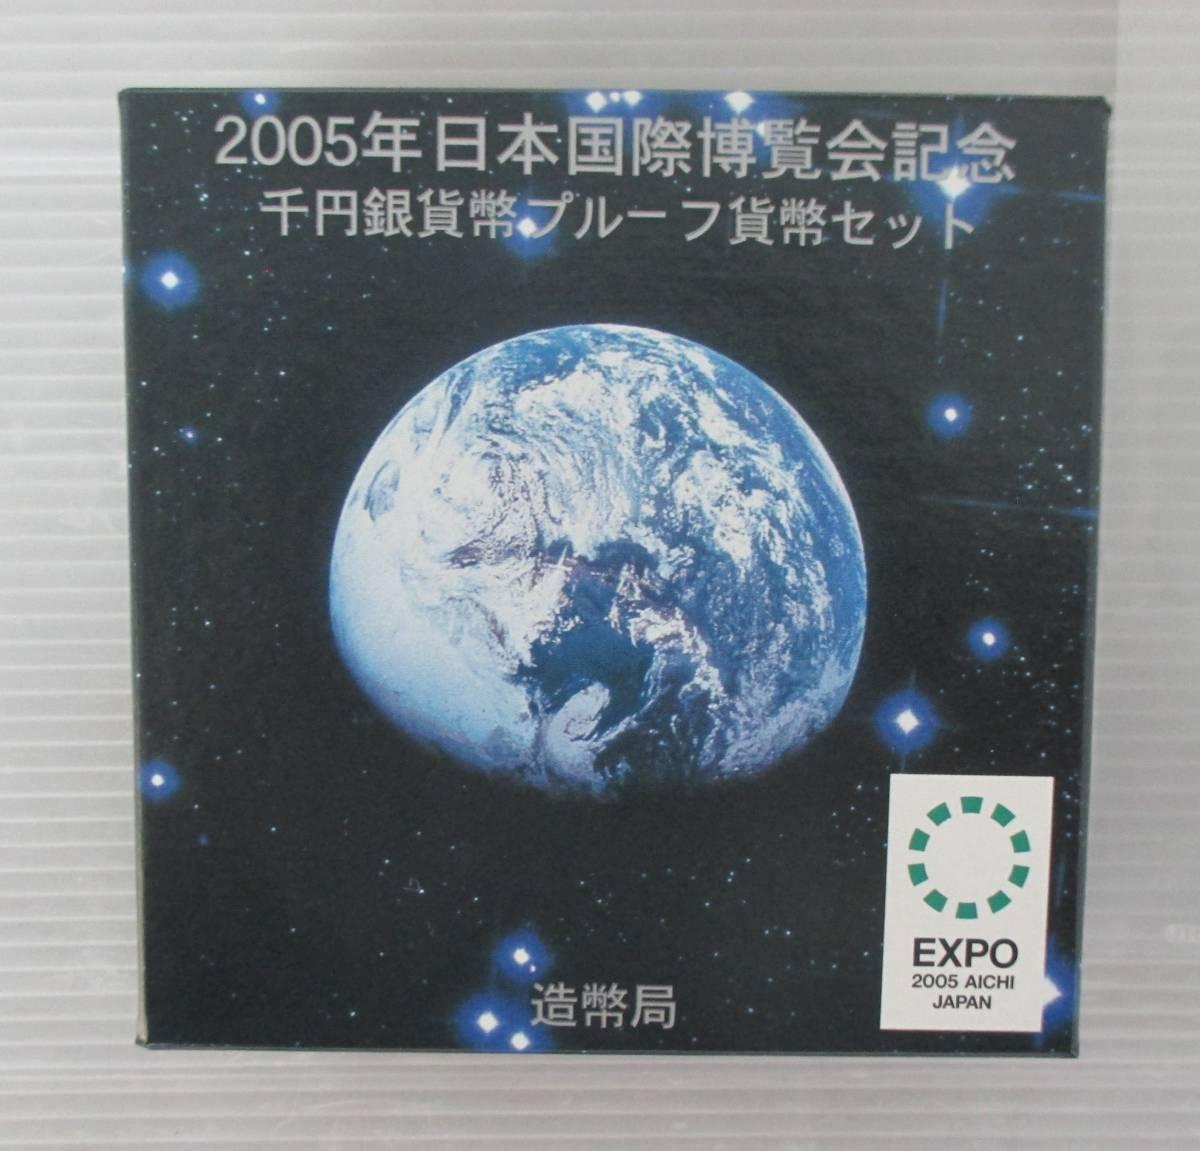 ◎2005年日本国際博覧会記念コイン◎千円銀貨幣プルーフ貨幣セット◎ケース入り◎ty283